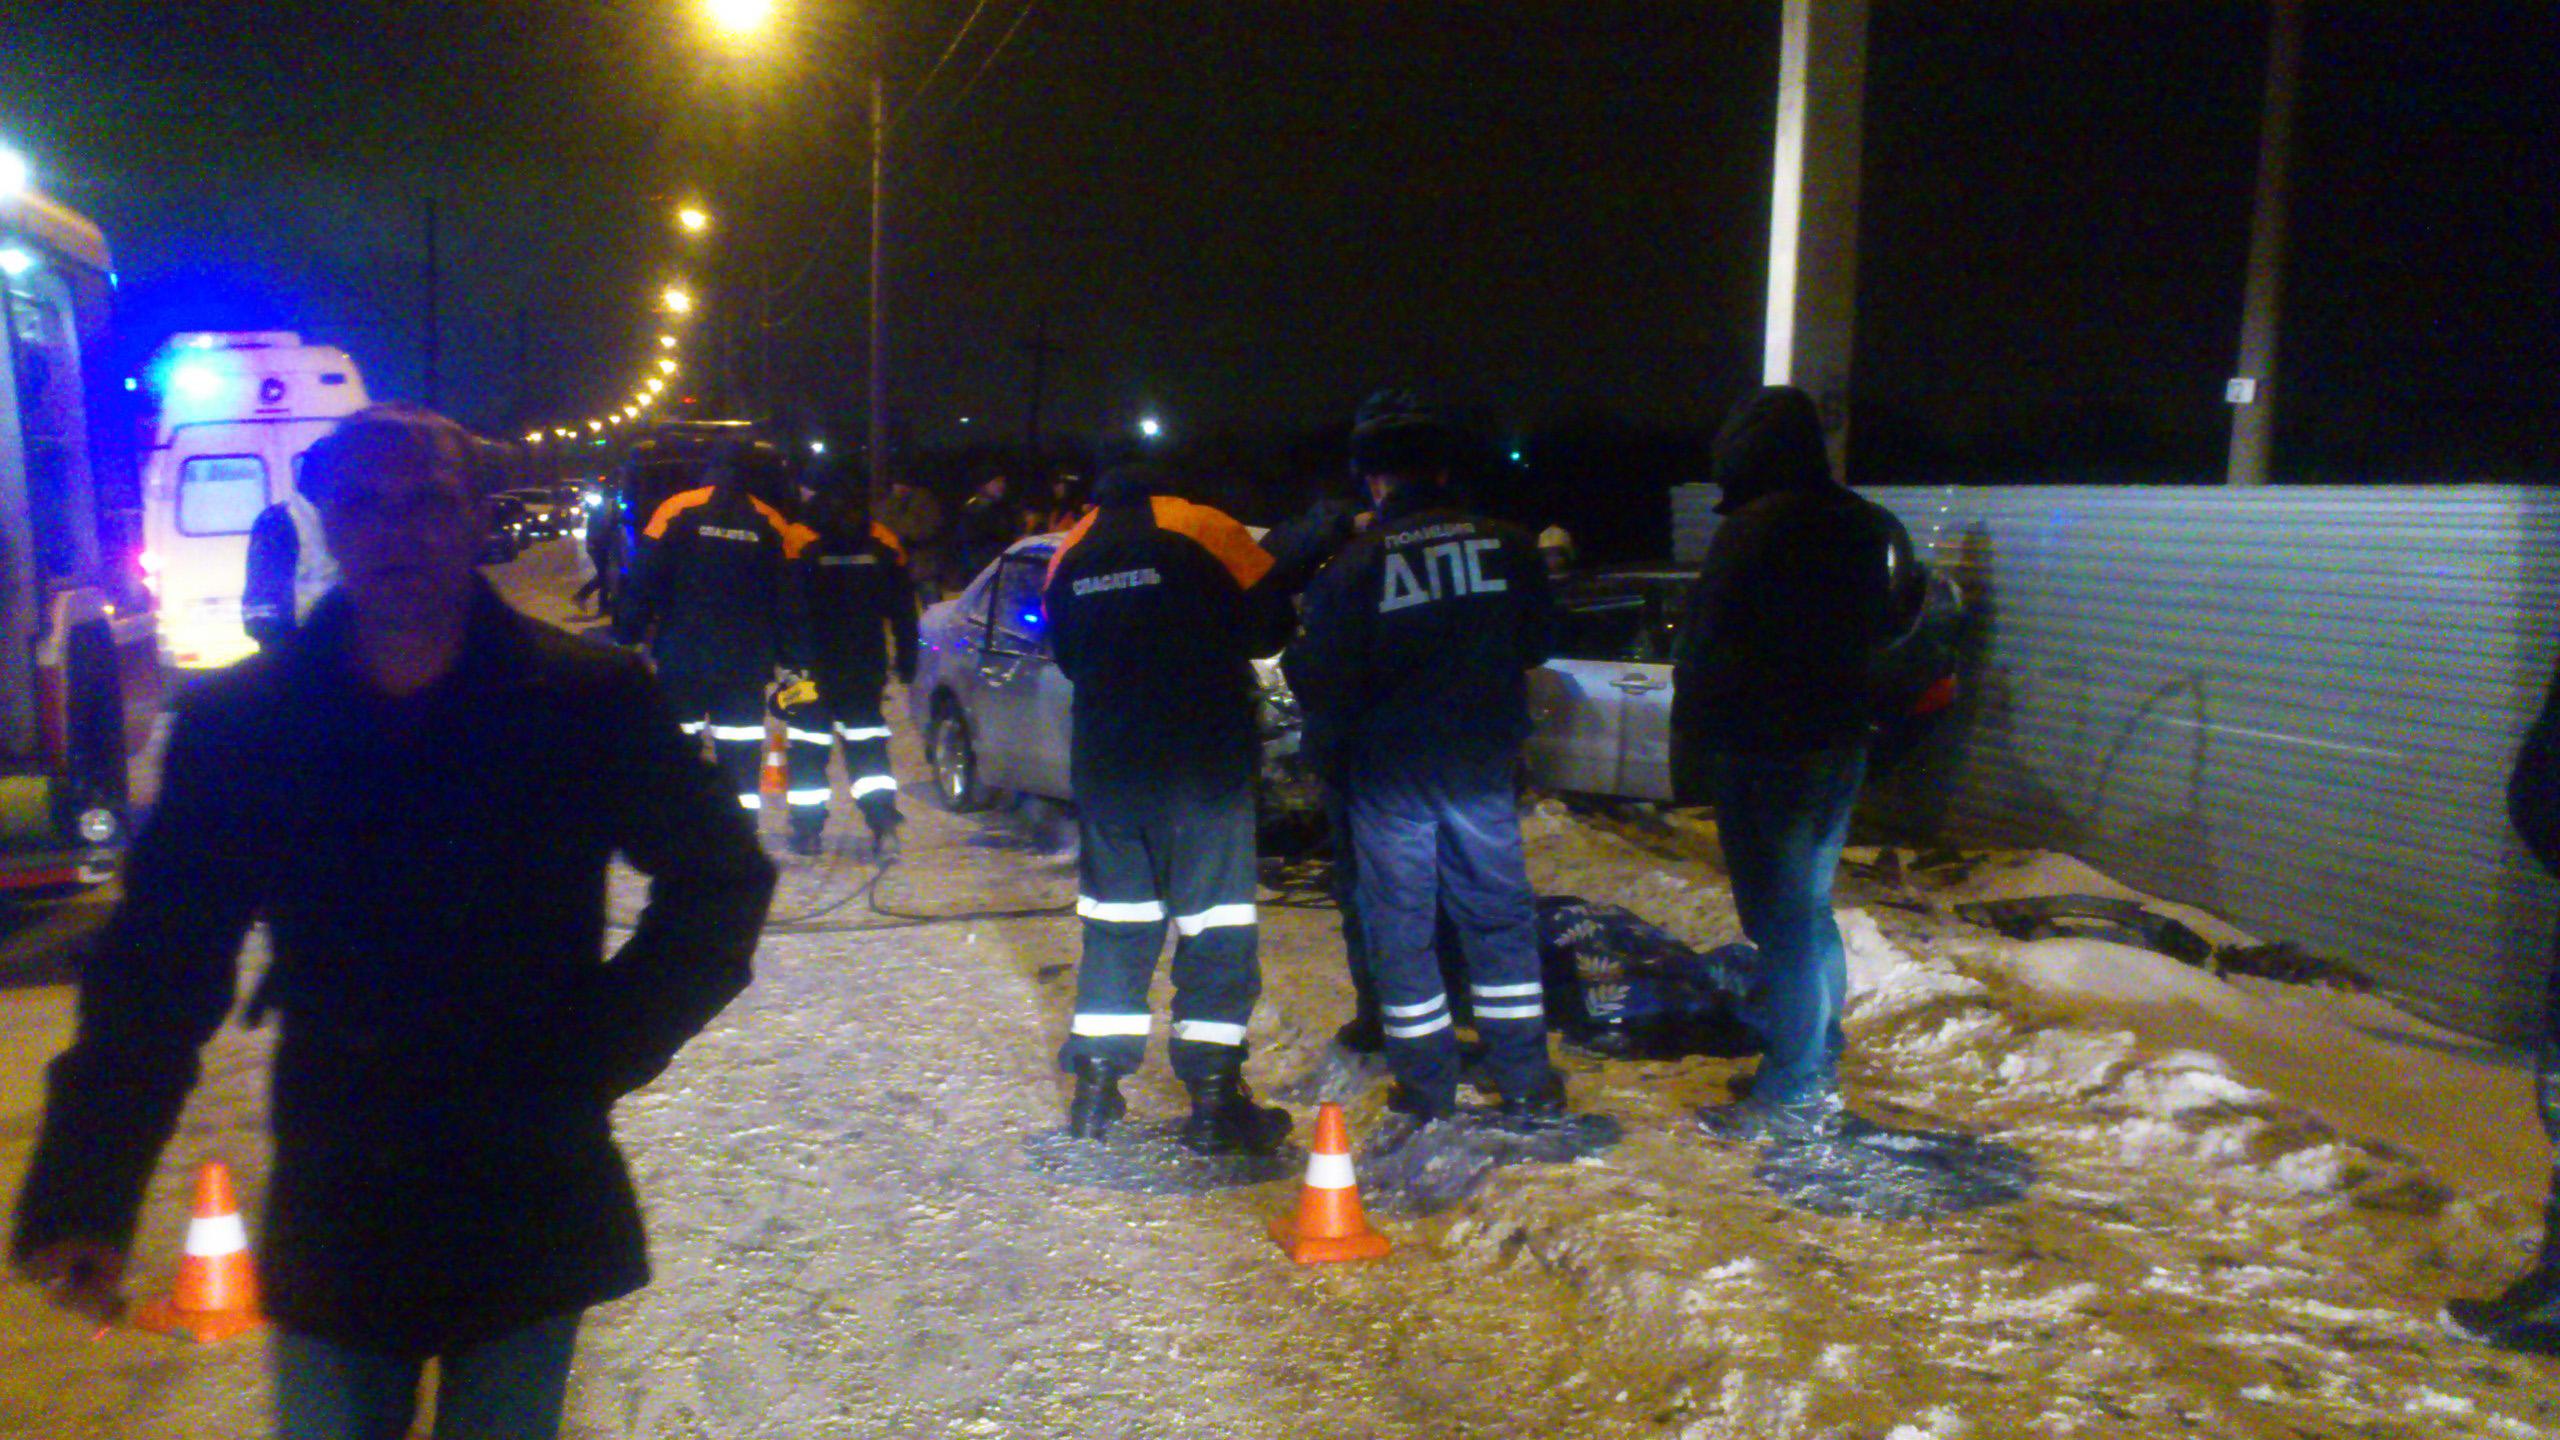 Мужчина погиб в ночном ДТП при лобовом столкновении двух автомобилей под Вологдой